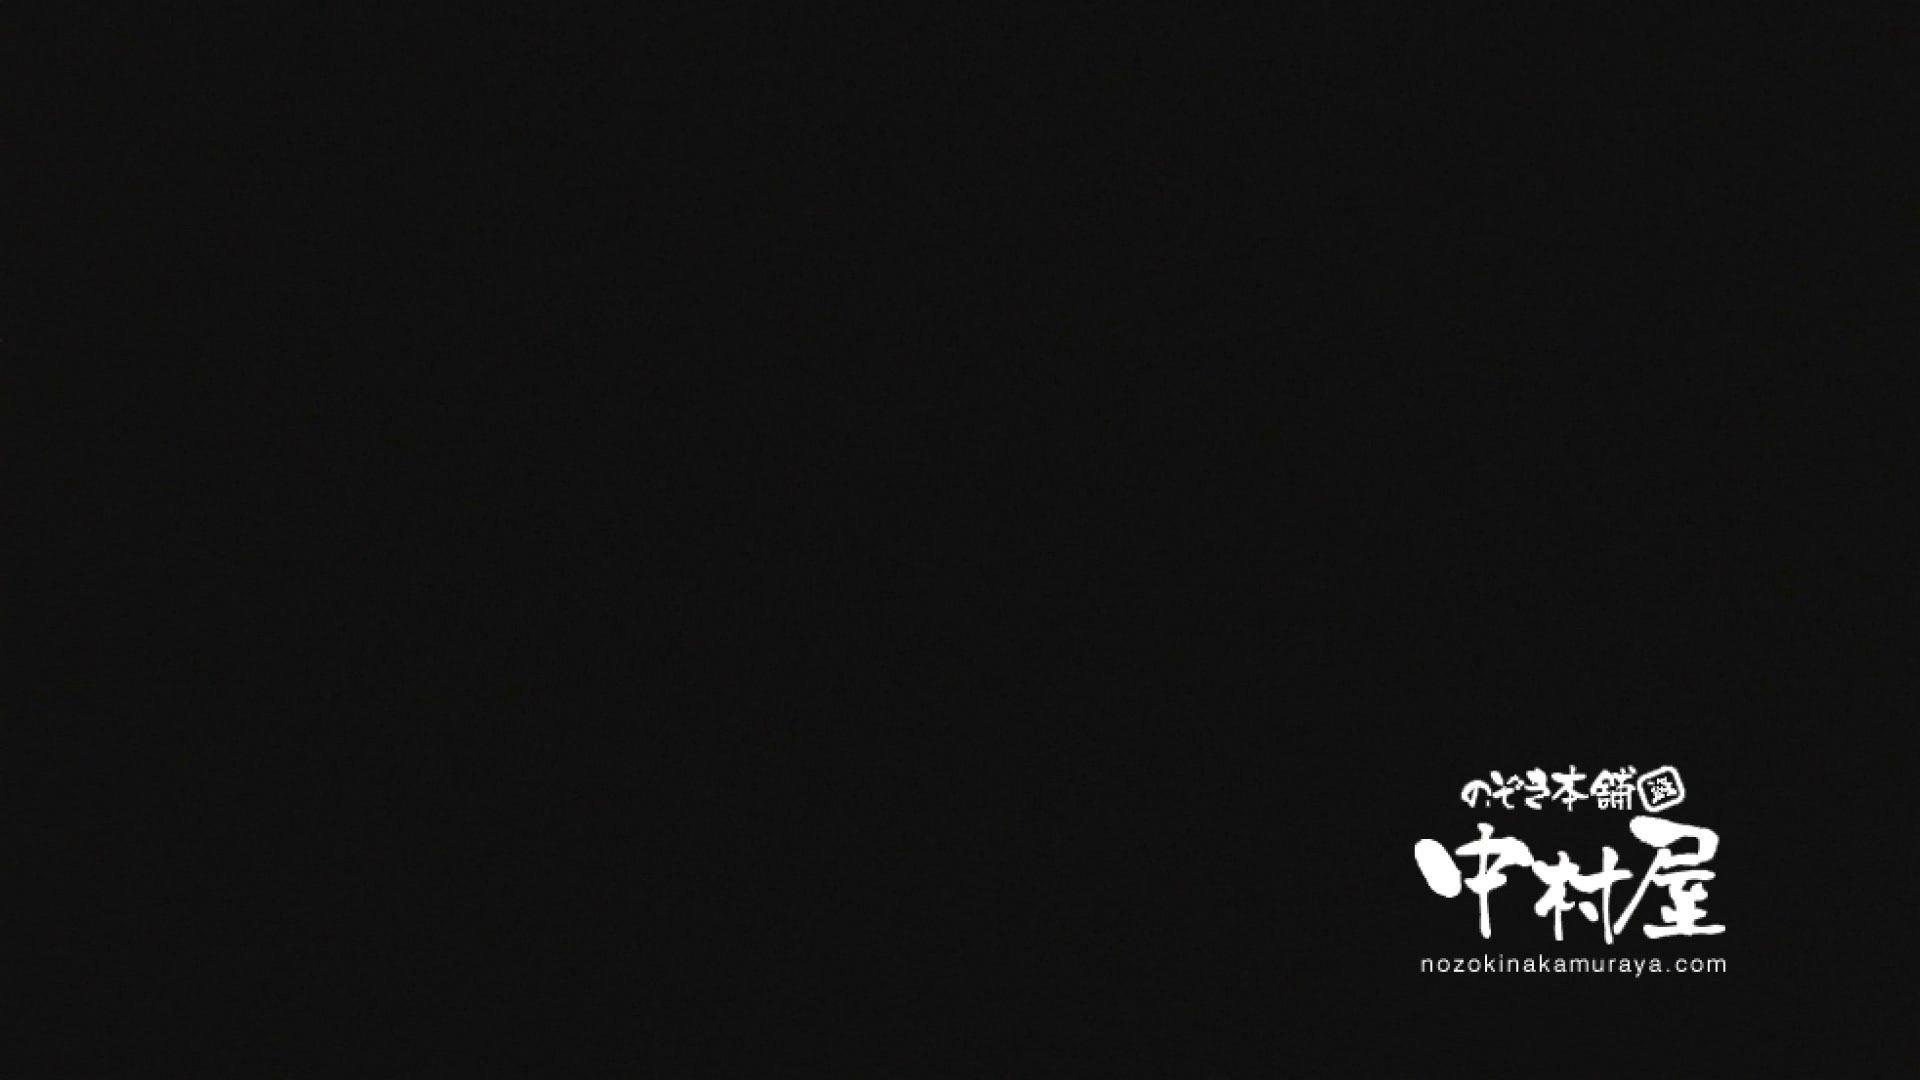 鬼畜 vol.19 ワカ目ちゃんに中出し刑 後編 鬼畜  112PIX 42